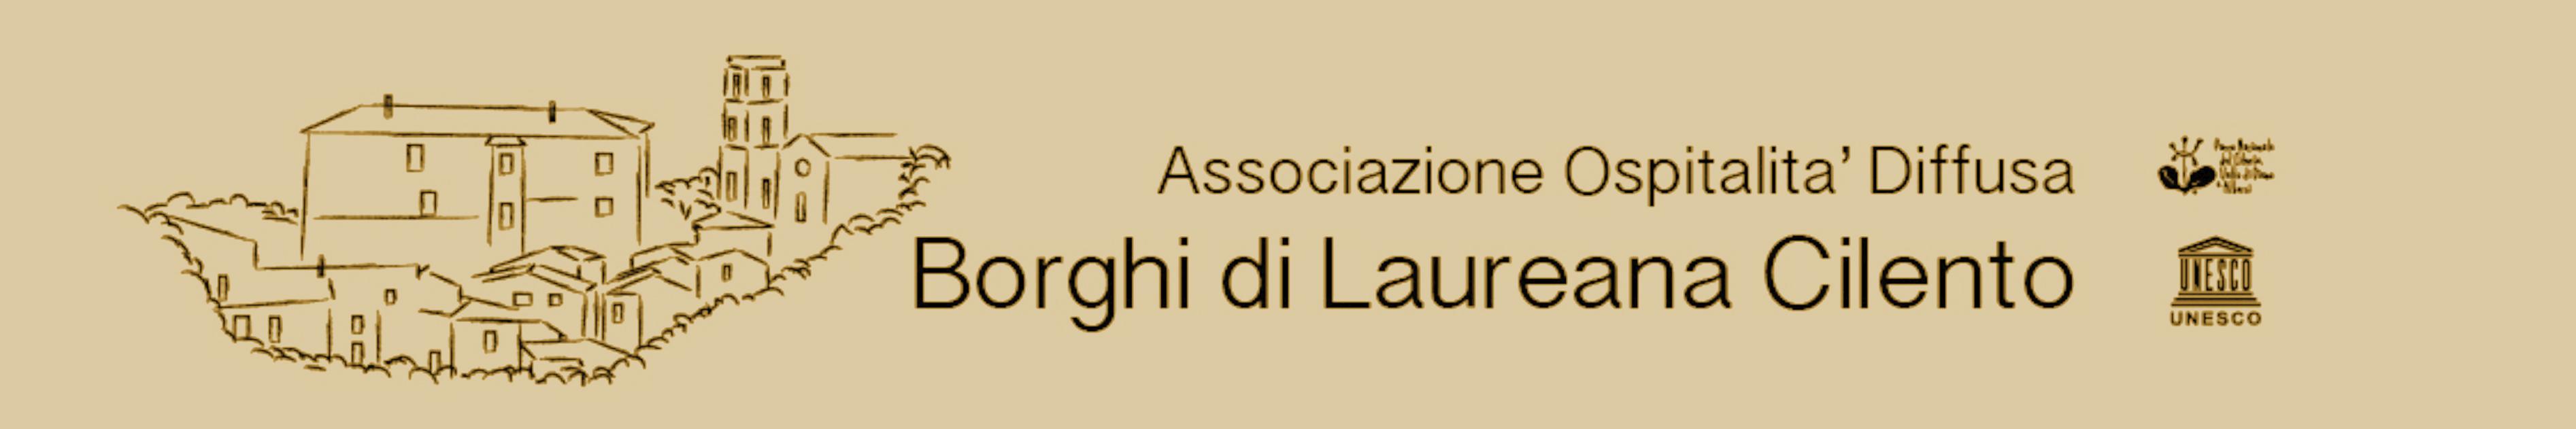 BORGHI DI LAUREANA CILENTO